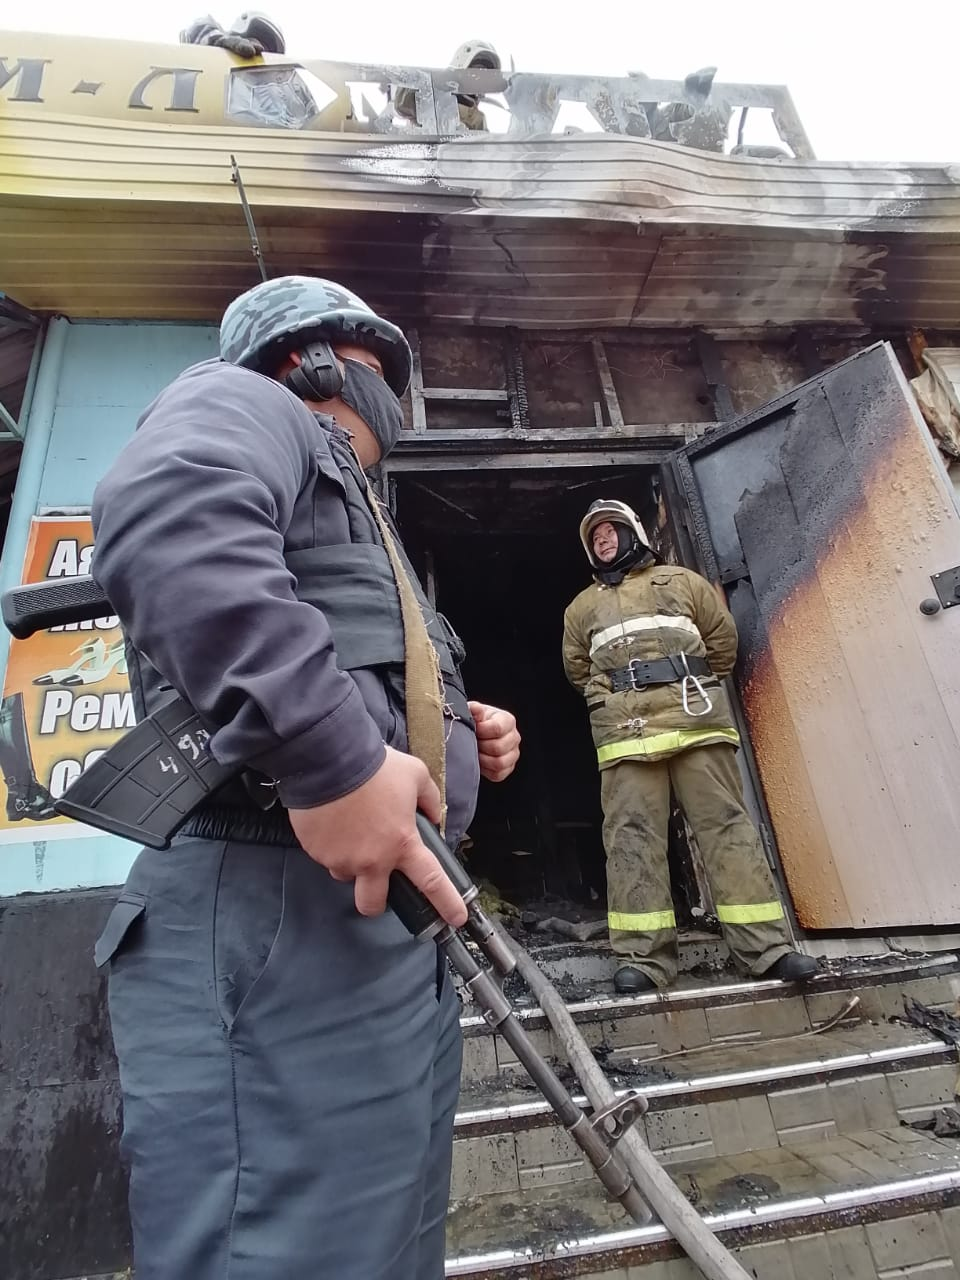 Около 60 человек экстренно вышли на улицу из соседних зданий, чтобы не задохнуться: подробности пожара в Костанае 3